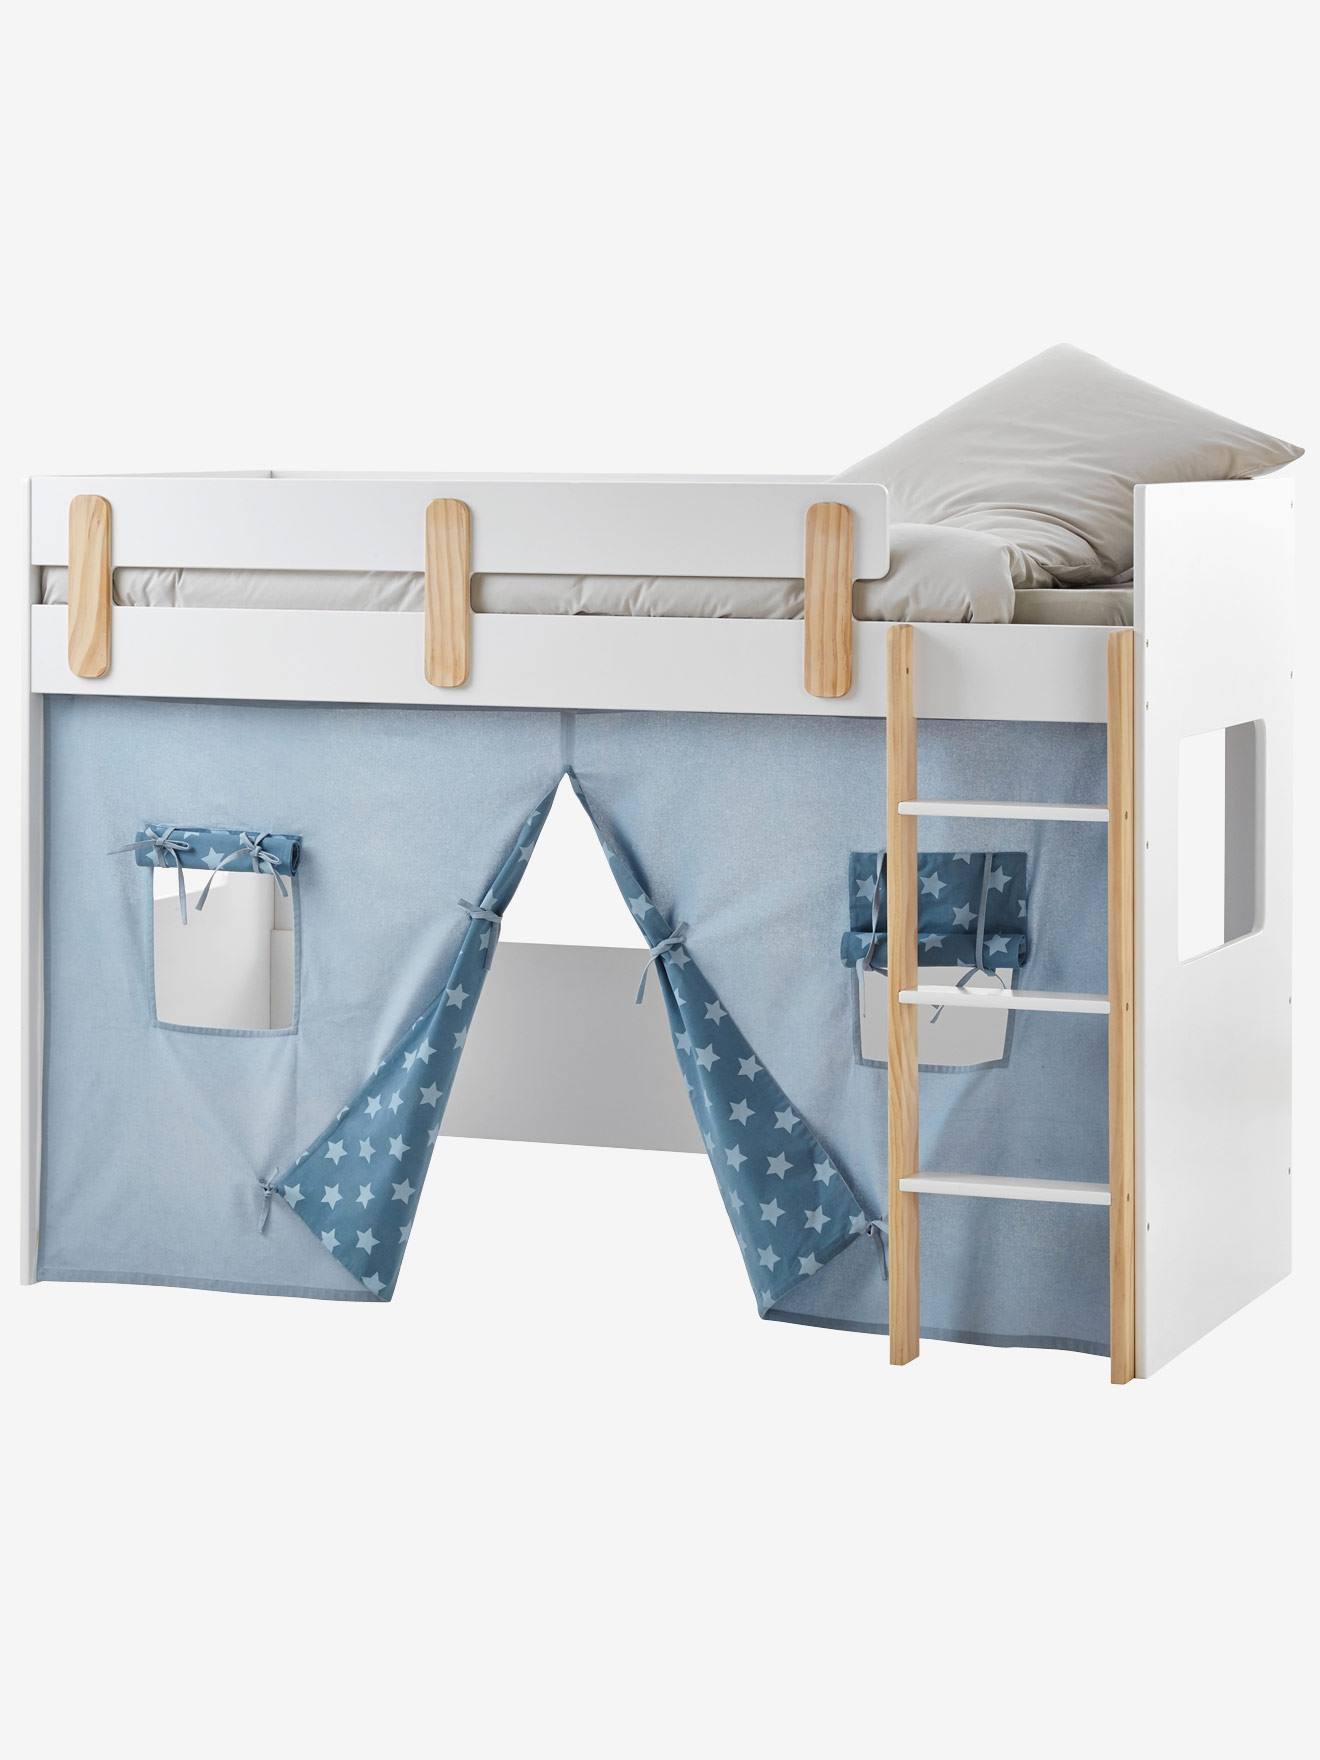 Kinderzimmer Kindermöbel Babybetten U0026 Kinderbetten Kombibetten, Hochbetten  U0026 Etagenbetten Bettvorhang Für